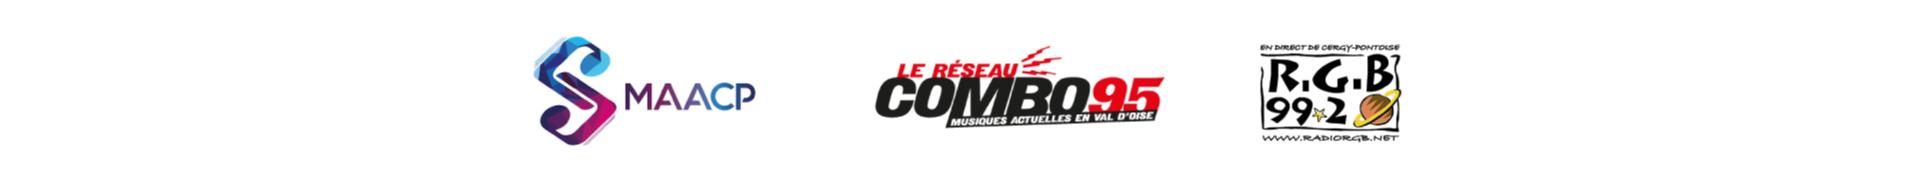 logos_des_partenaires